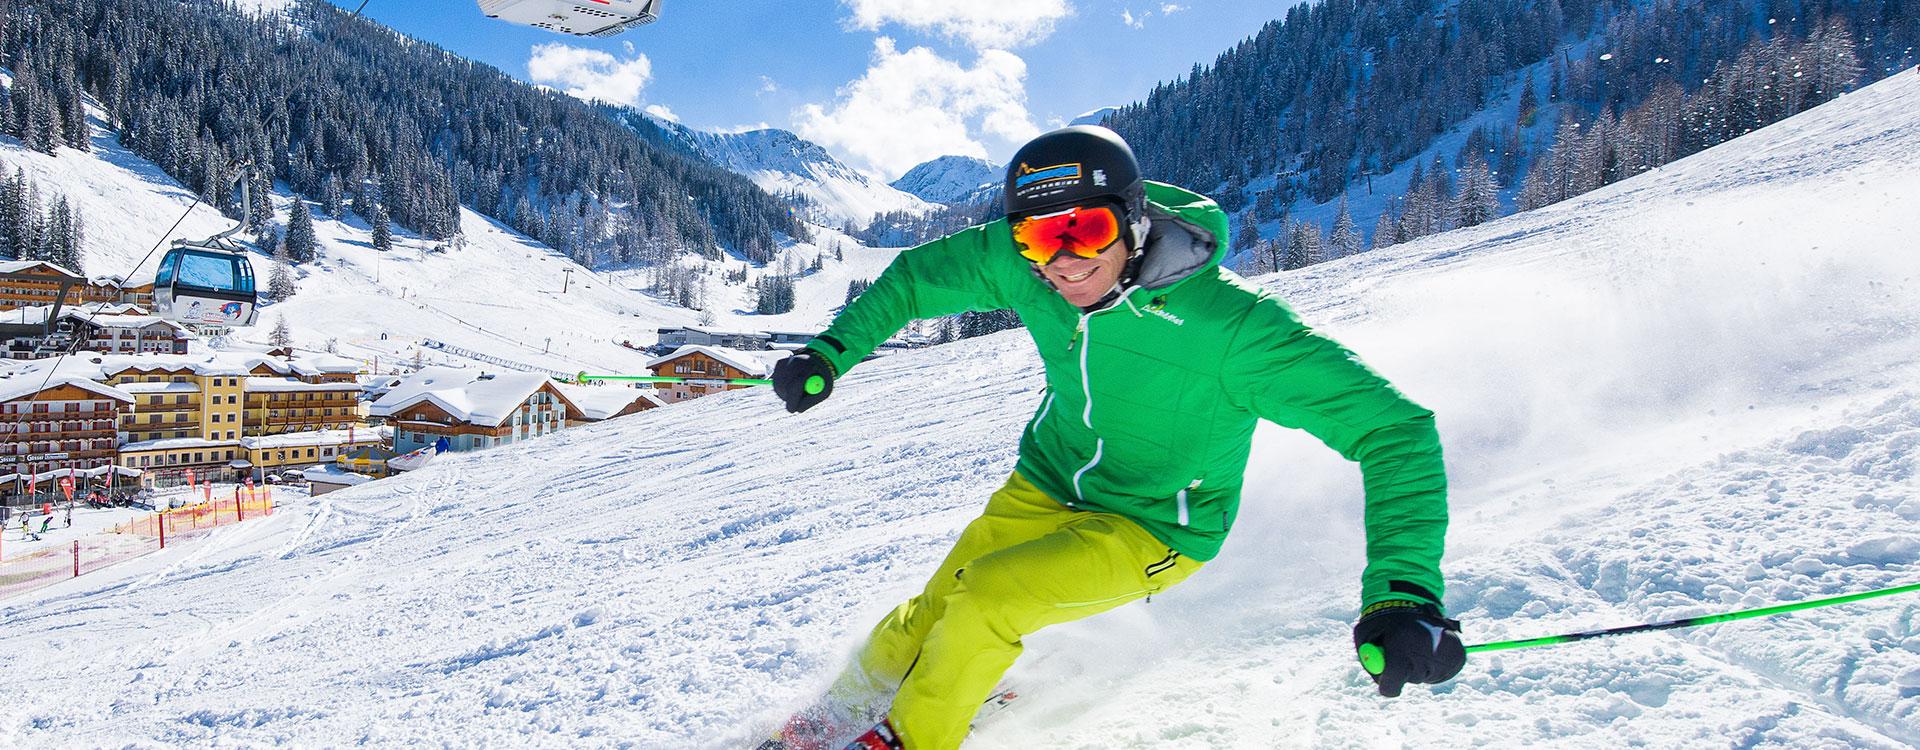 Schischule Top Alpin in Altenmarkt-Zauchensee, Ski amadé